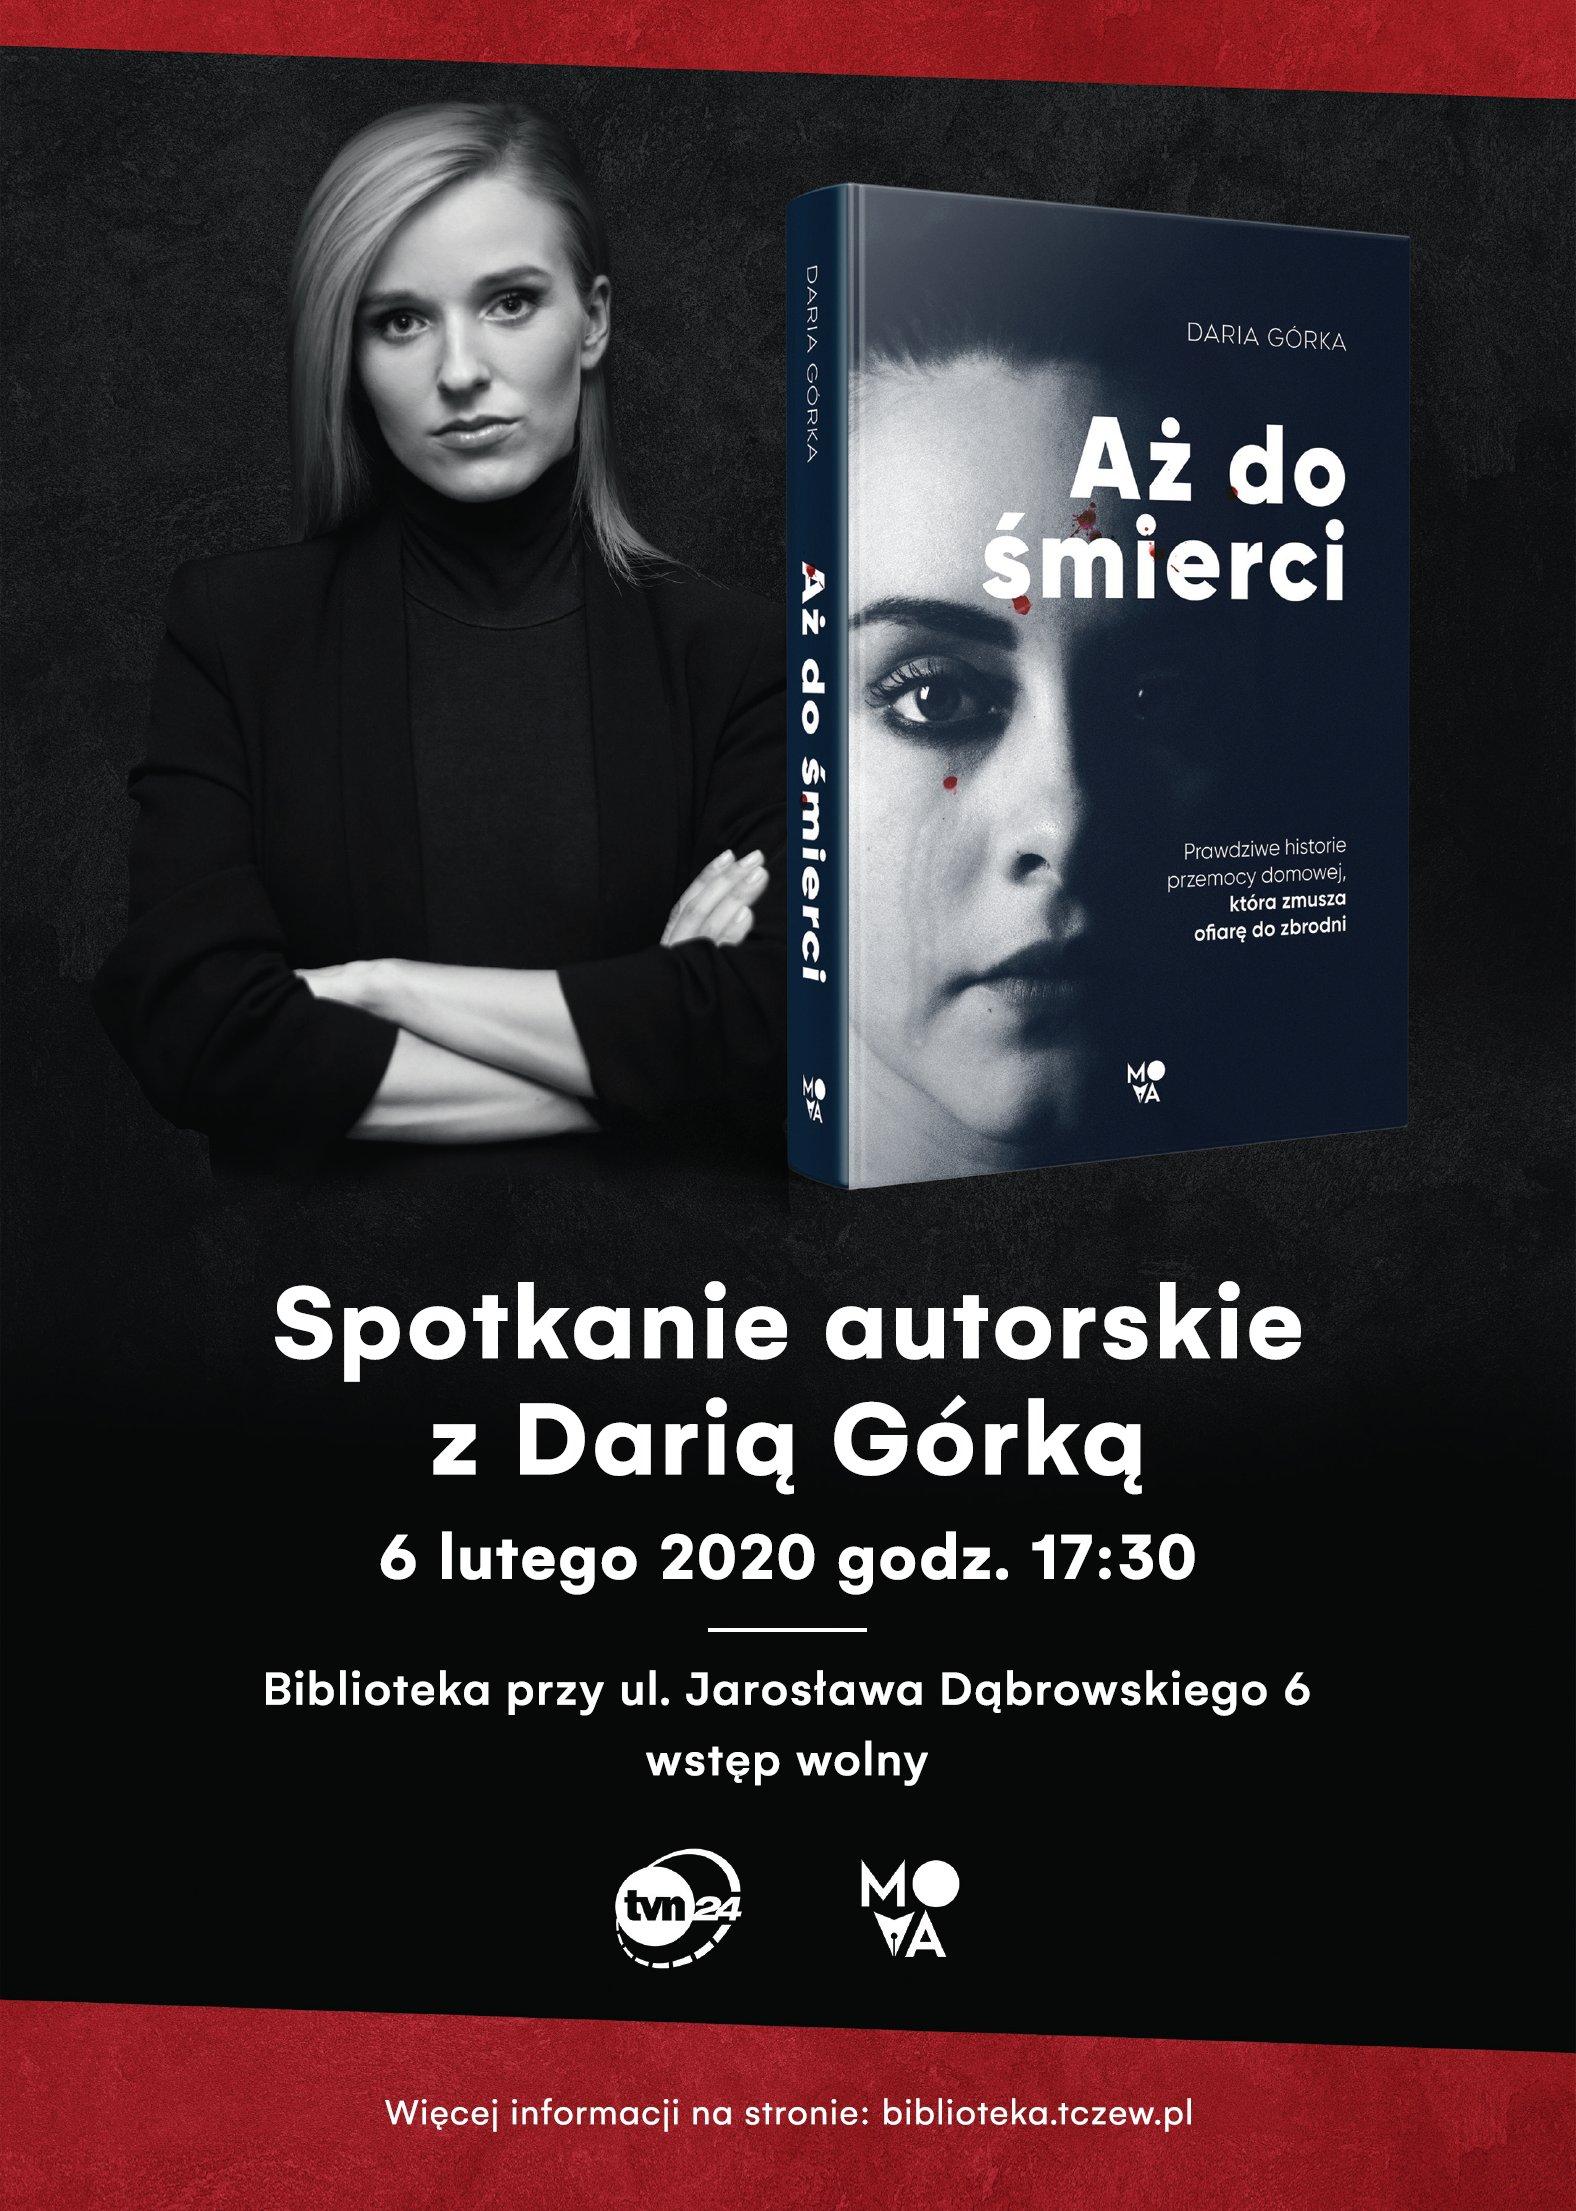 Daria Górka - Aż do śmierci